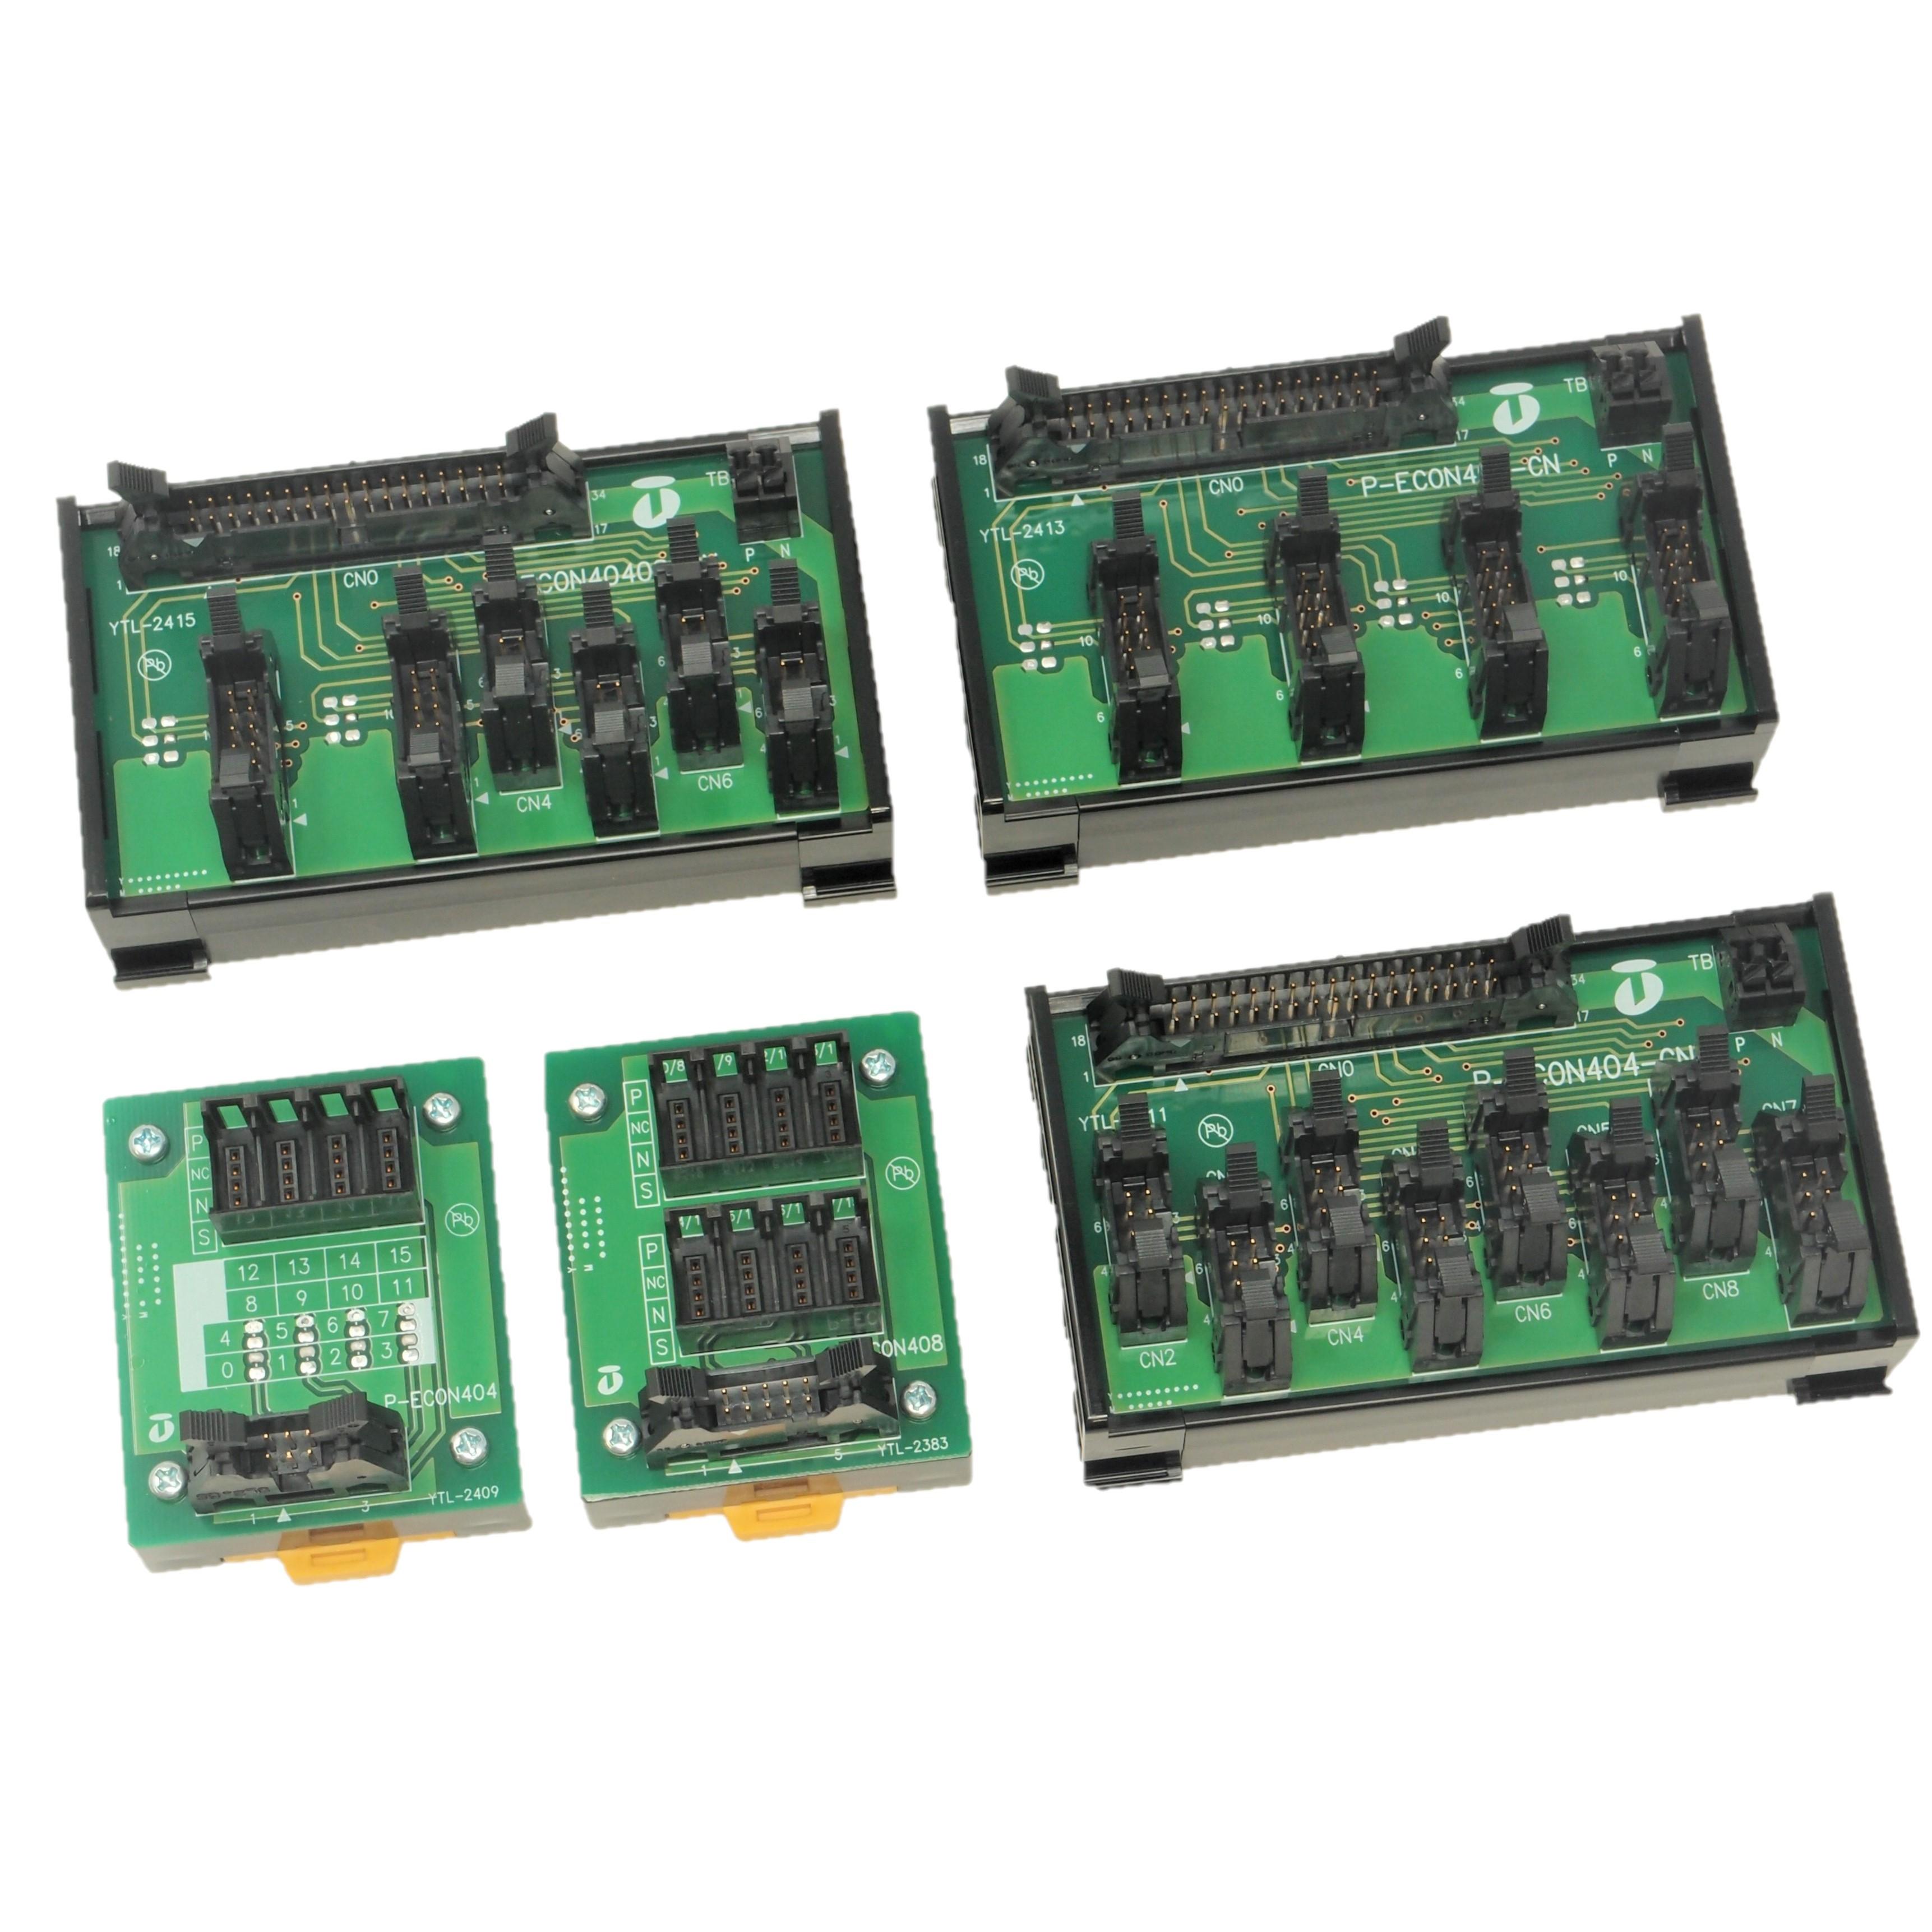 中継コネクタ端子台 e-CON分岐ユニットのイメージ画像